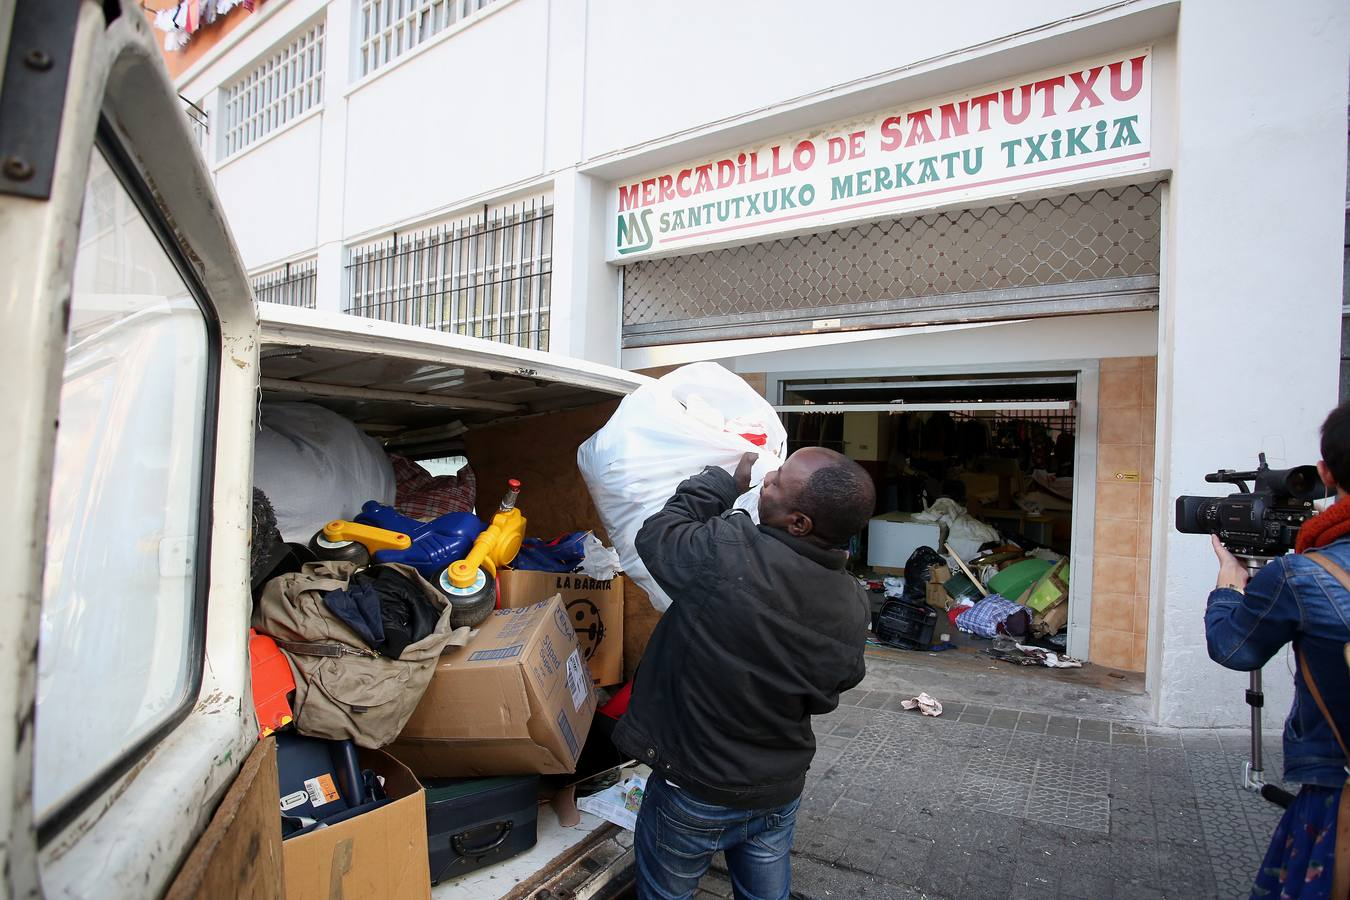 Tareas de limpieza en el mercadillo de Santutxu